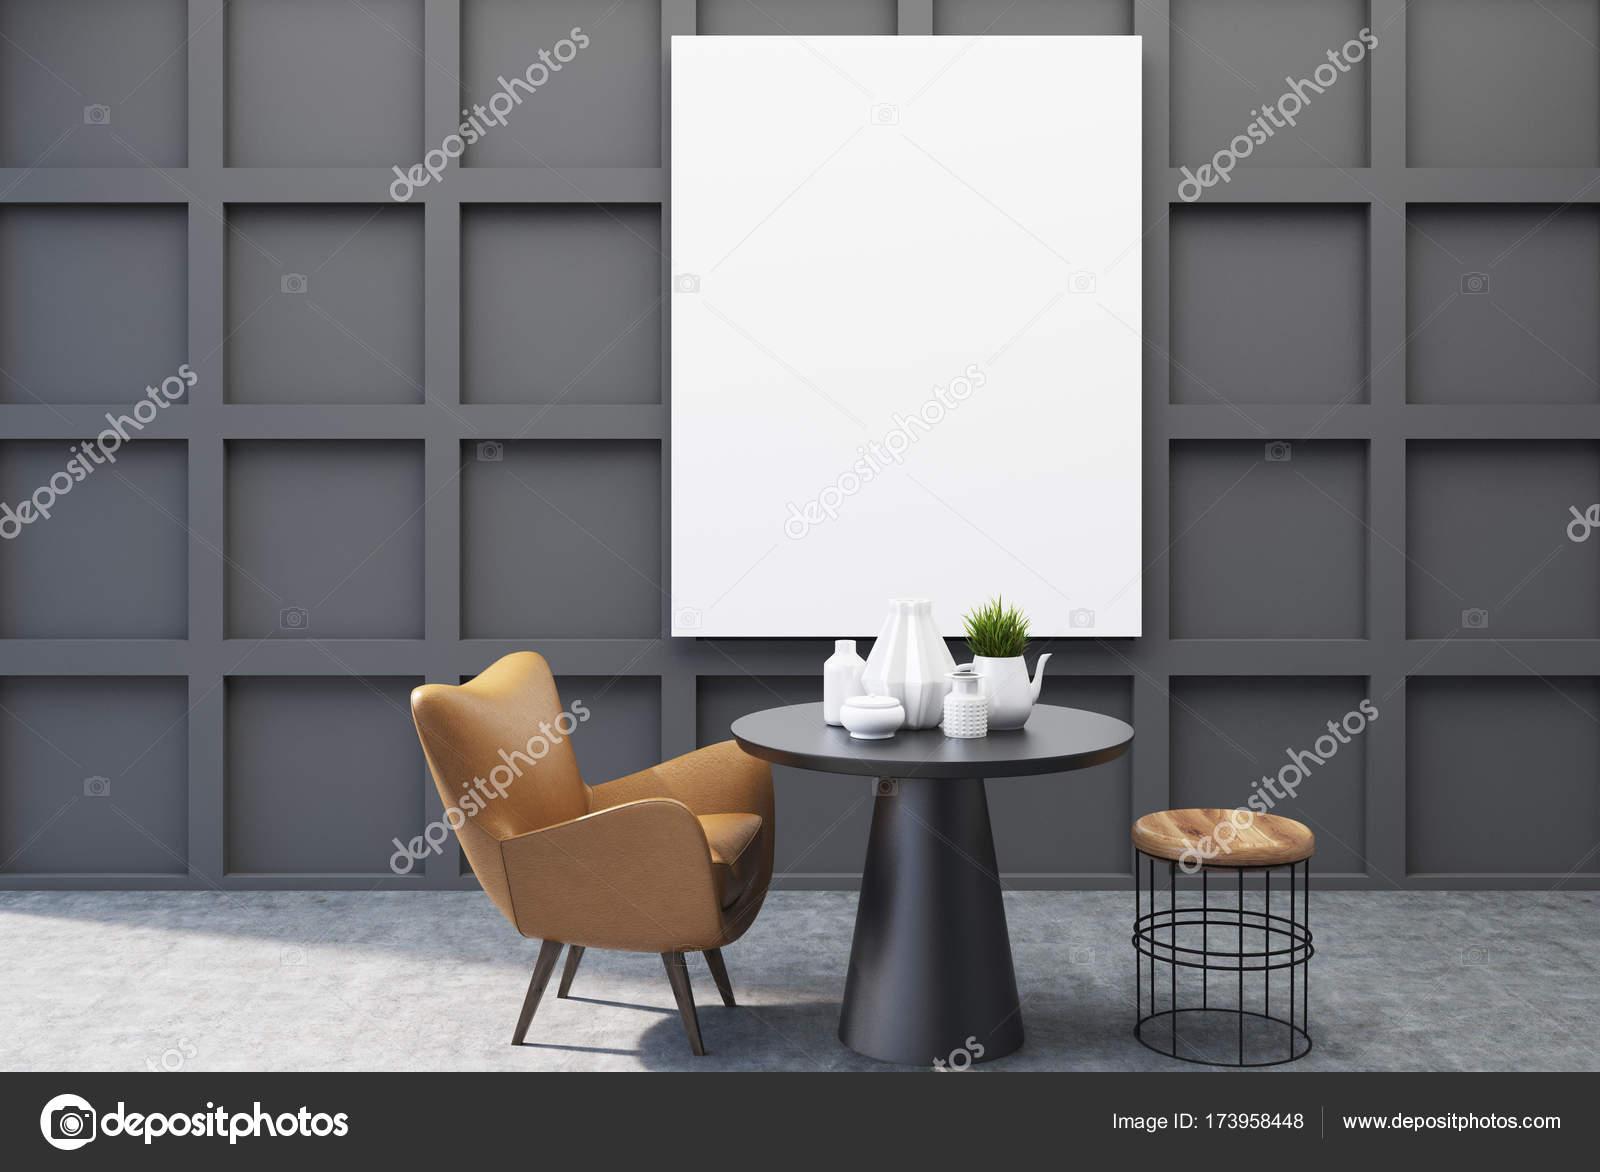 Esszimmer plakat tisch schwarz u2014 stockfoto © denisismagilov #173958448